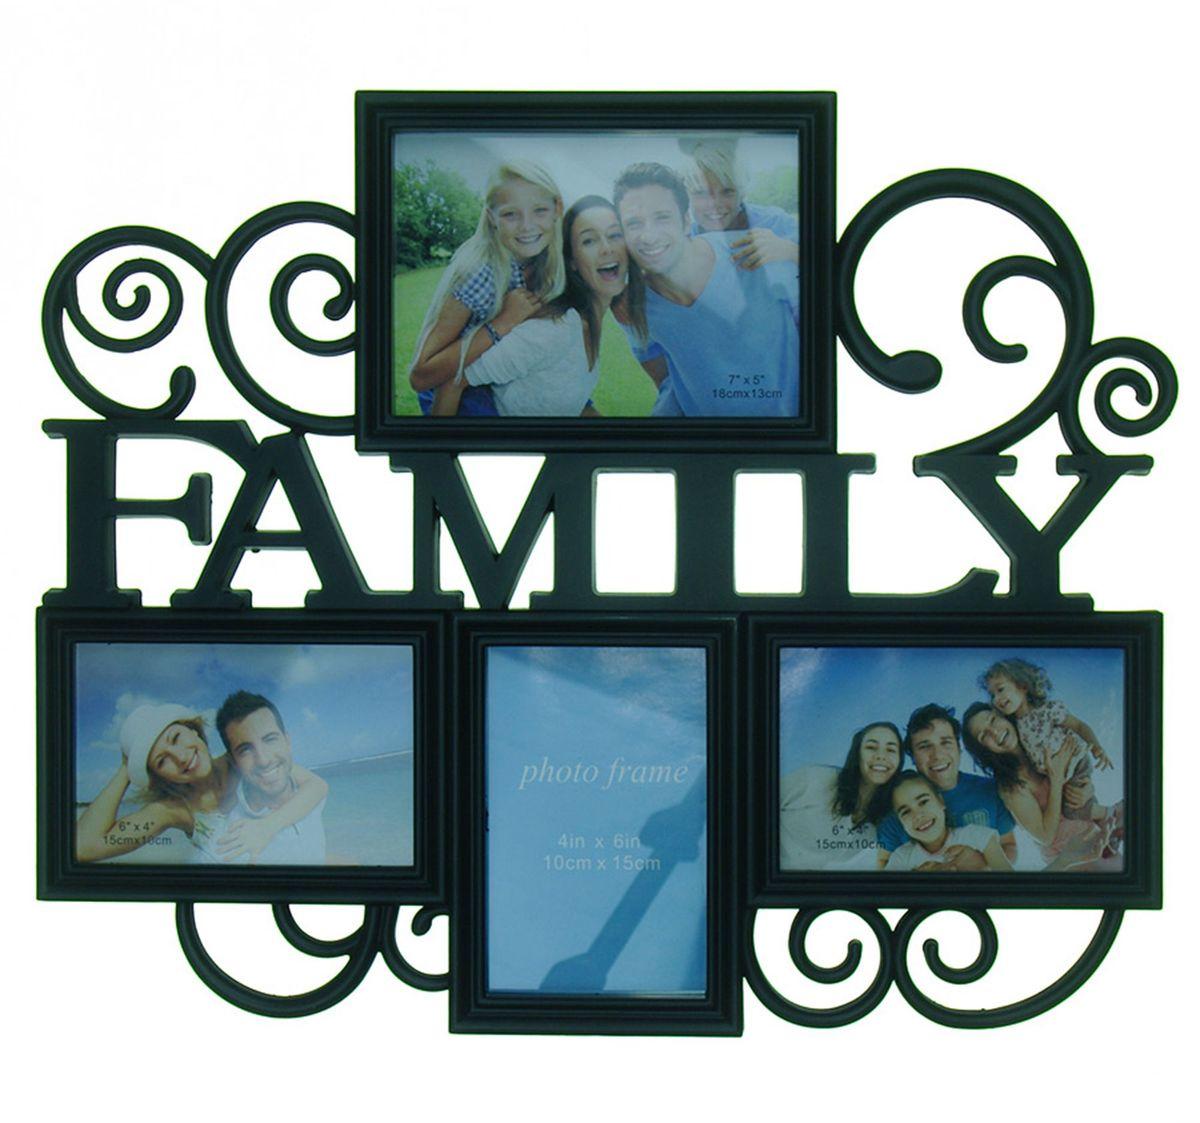 Коллаж Platinum Family, цвет: черный, 4 фоторамки. BH-1314PLATINUM BH-1314-Black-ЧёрныйПластиковый коллаж с 2 фото 15х10 см, 1 фото 10х15 см, 1 фото 18х13 см.